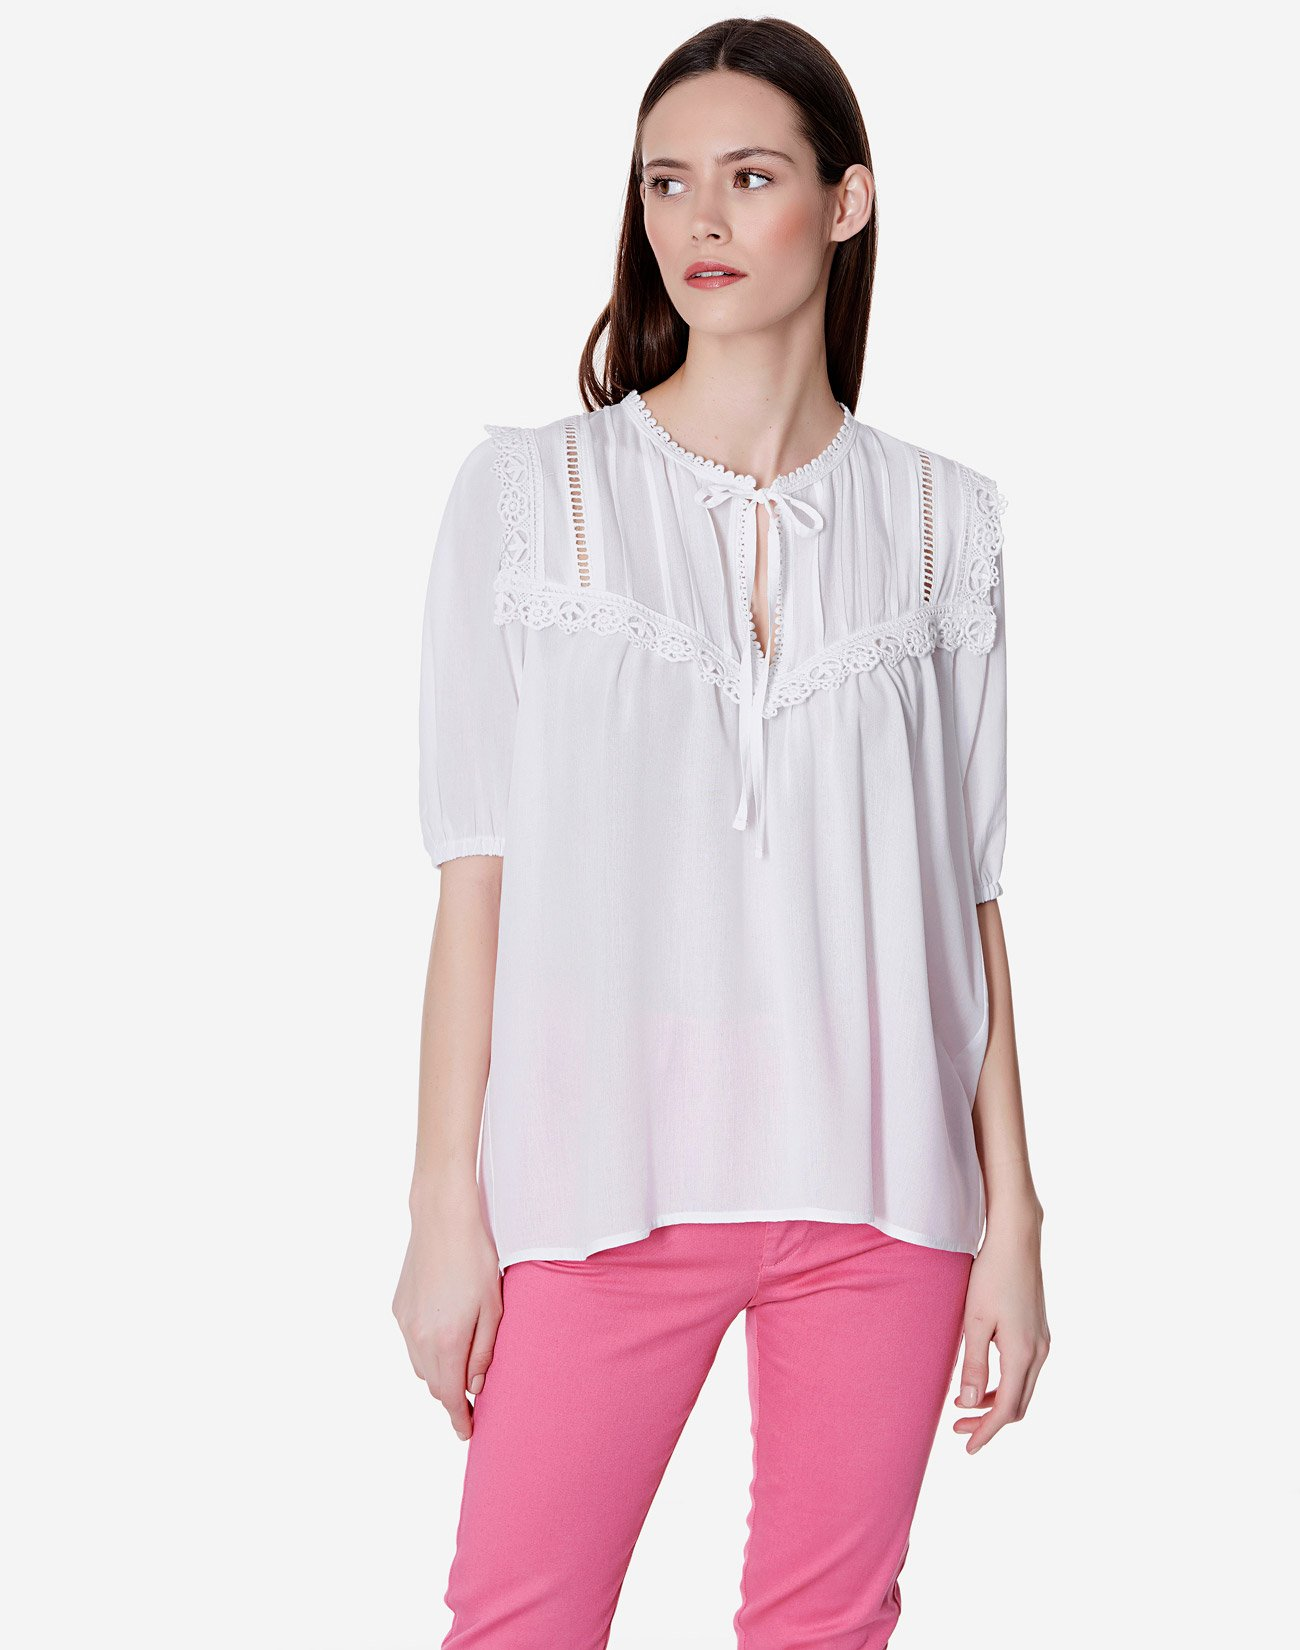 Μπλούζα από βισκόζη Ecovero με δαντέλα